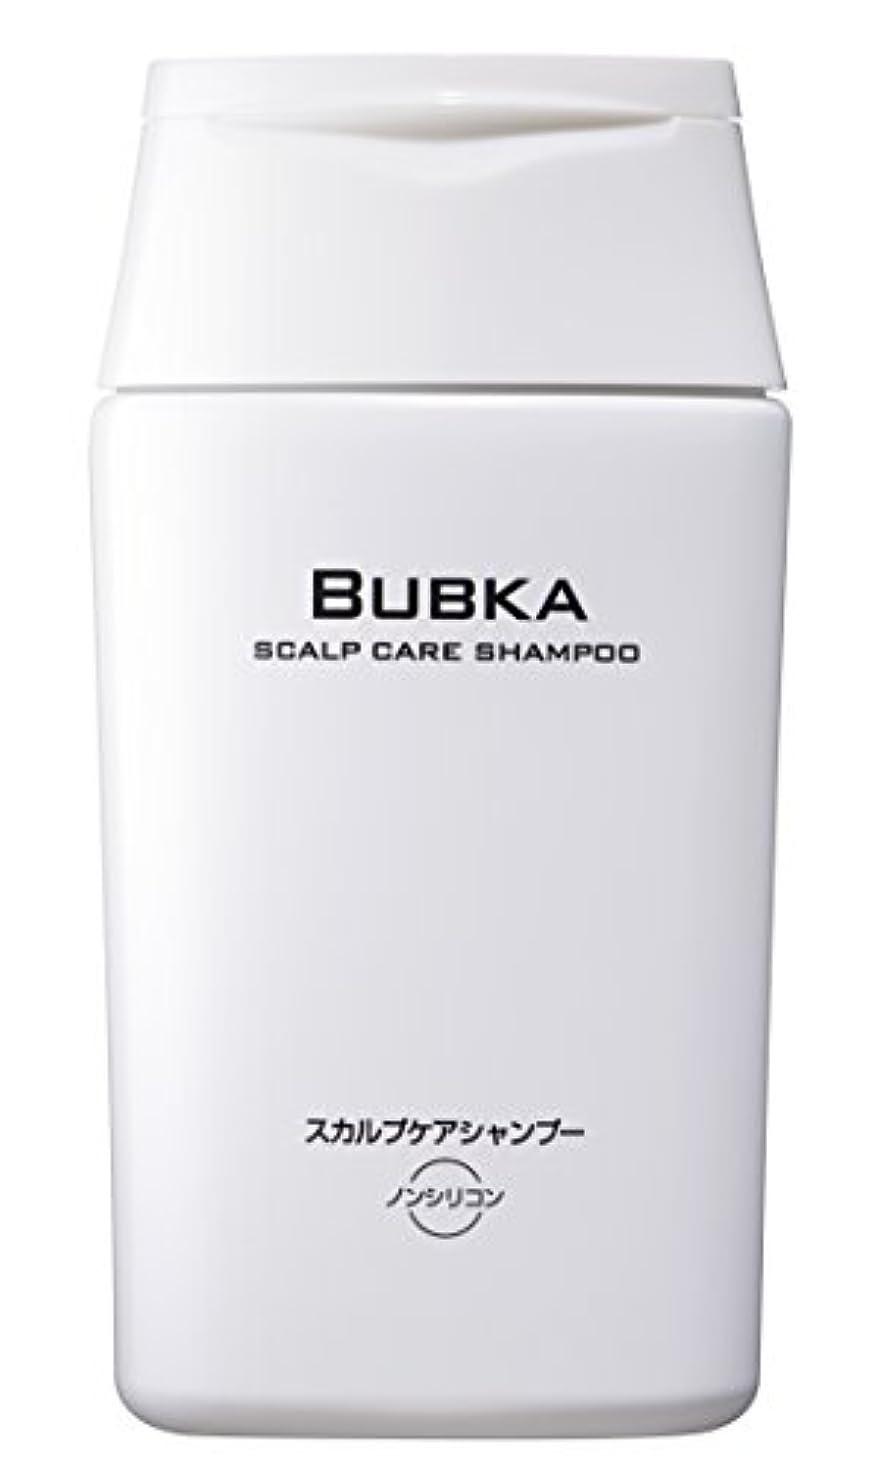 後退するデッドロックルール【 BUBKA ブブカ 】 NEW スカルプケアシャンプー 200ml (乳酸菌配合) (ノンシリコンシャンプー) (オールインワン)